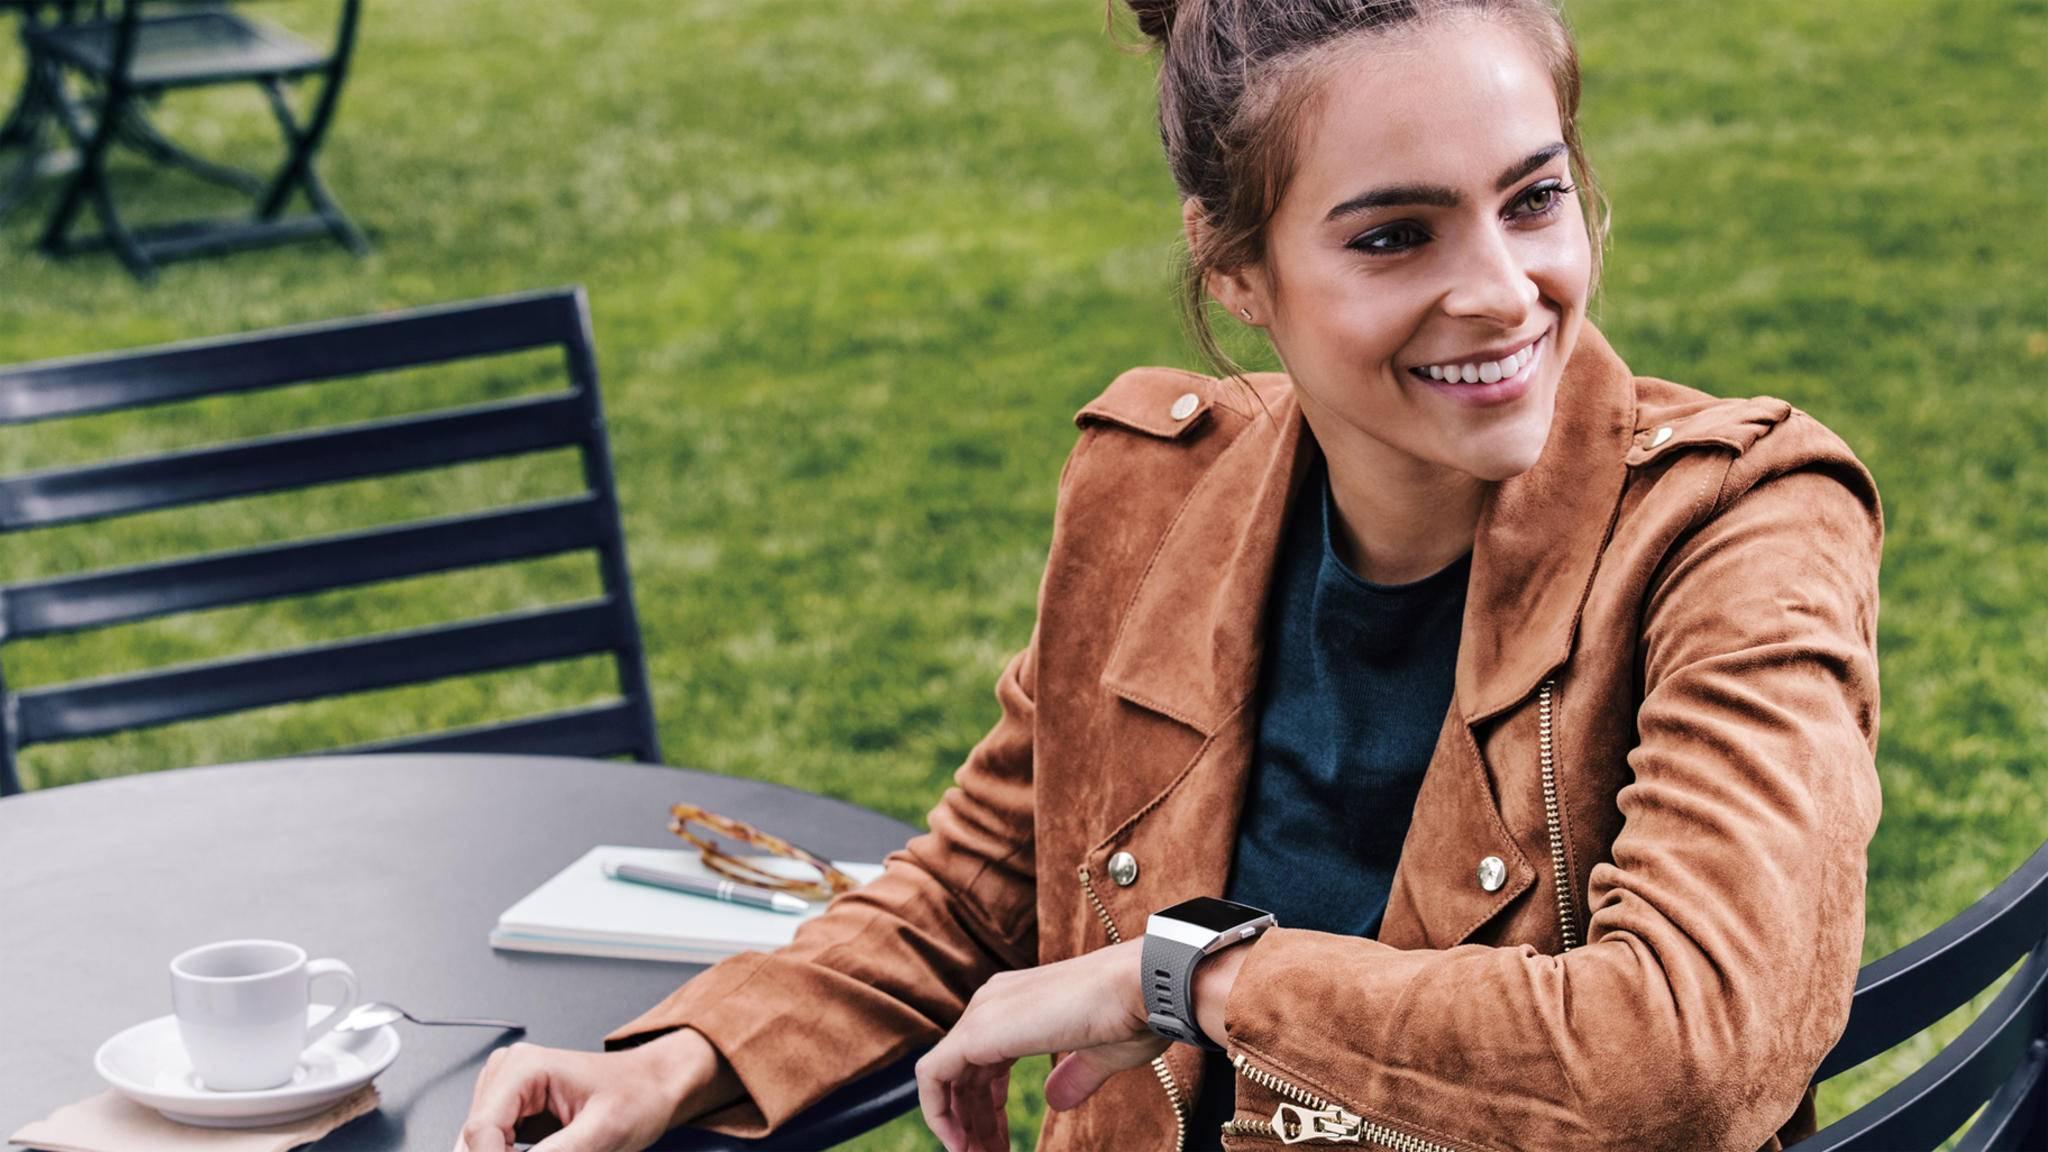 Ein Fitness-Tracker wie die Fitbit Ionic muss nicht immer komplett aus der eigenen Tasche bezahlt werden.